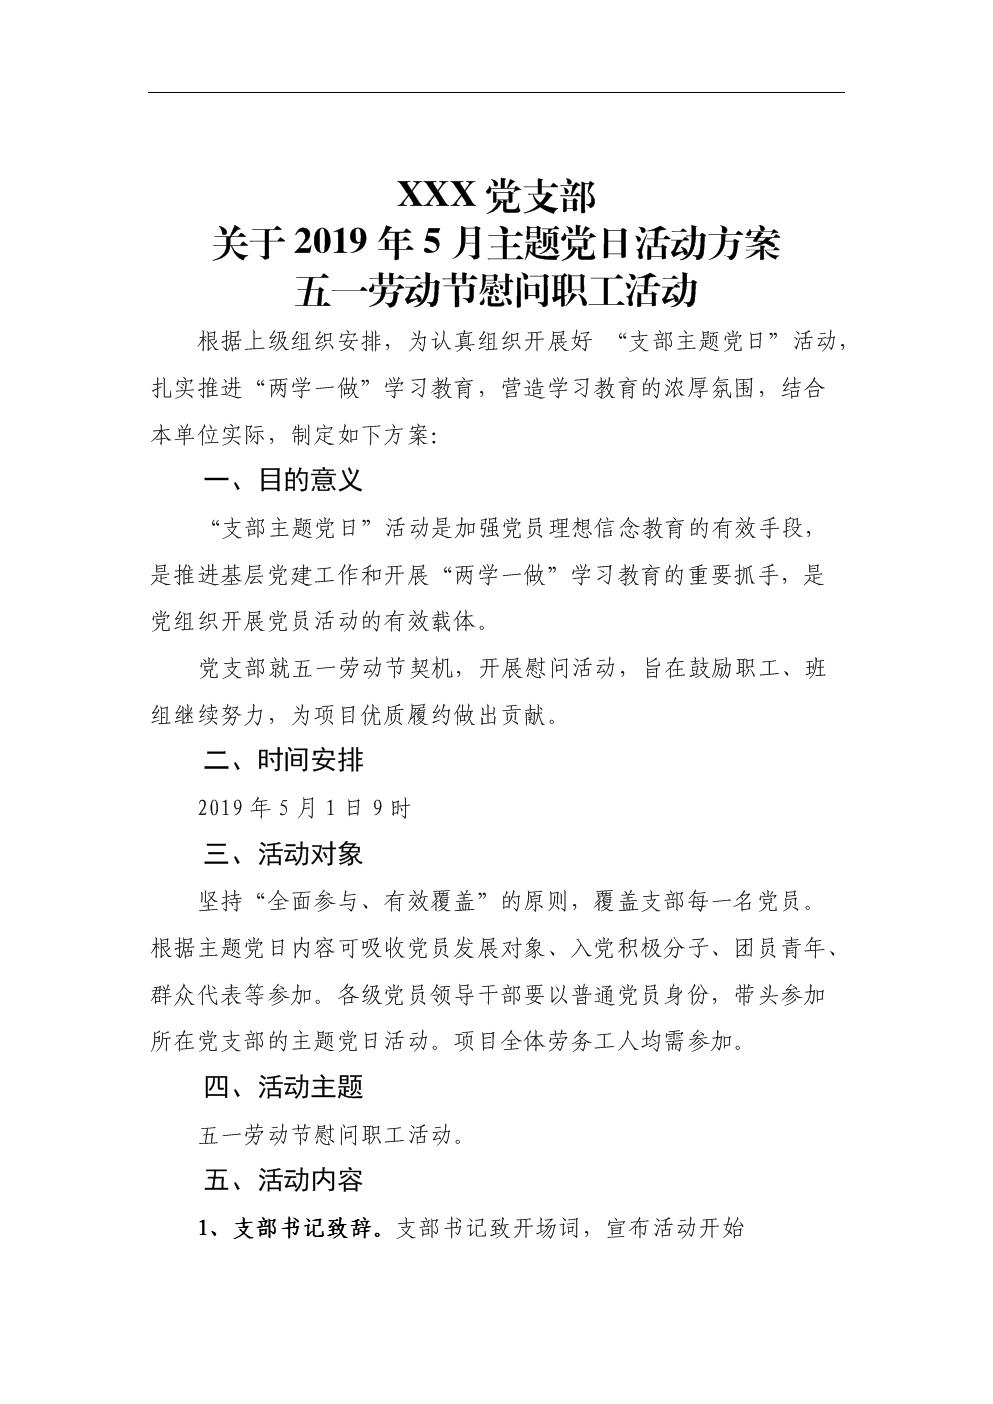 2019年度支部主题党日活动方案4.doc